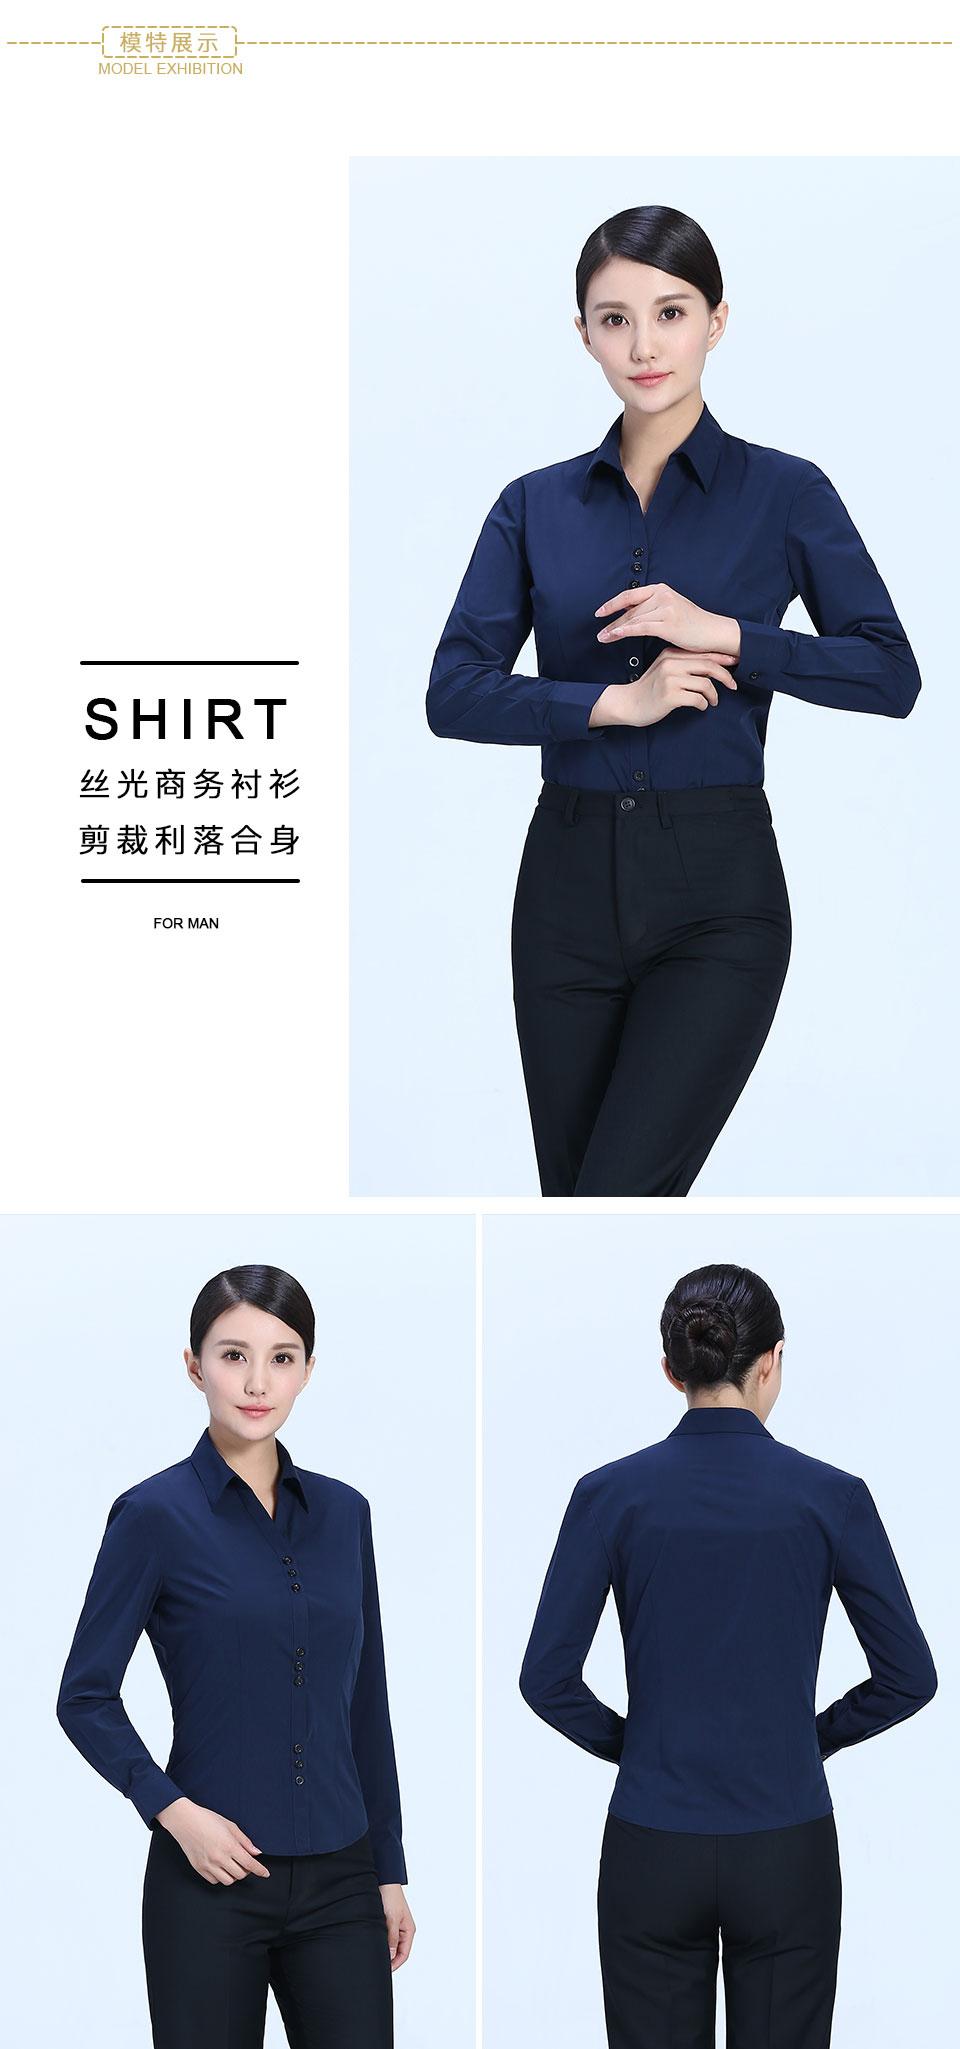 新款衬衫藏蓝女藏蓝V领长袖衬衫